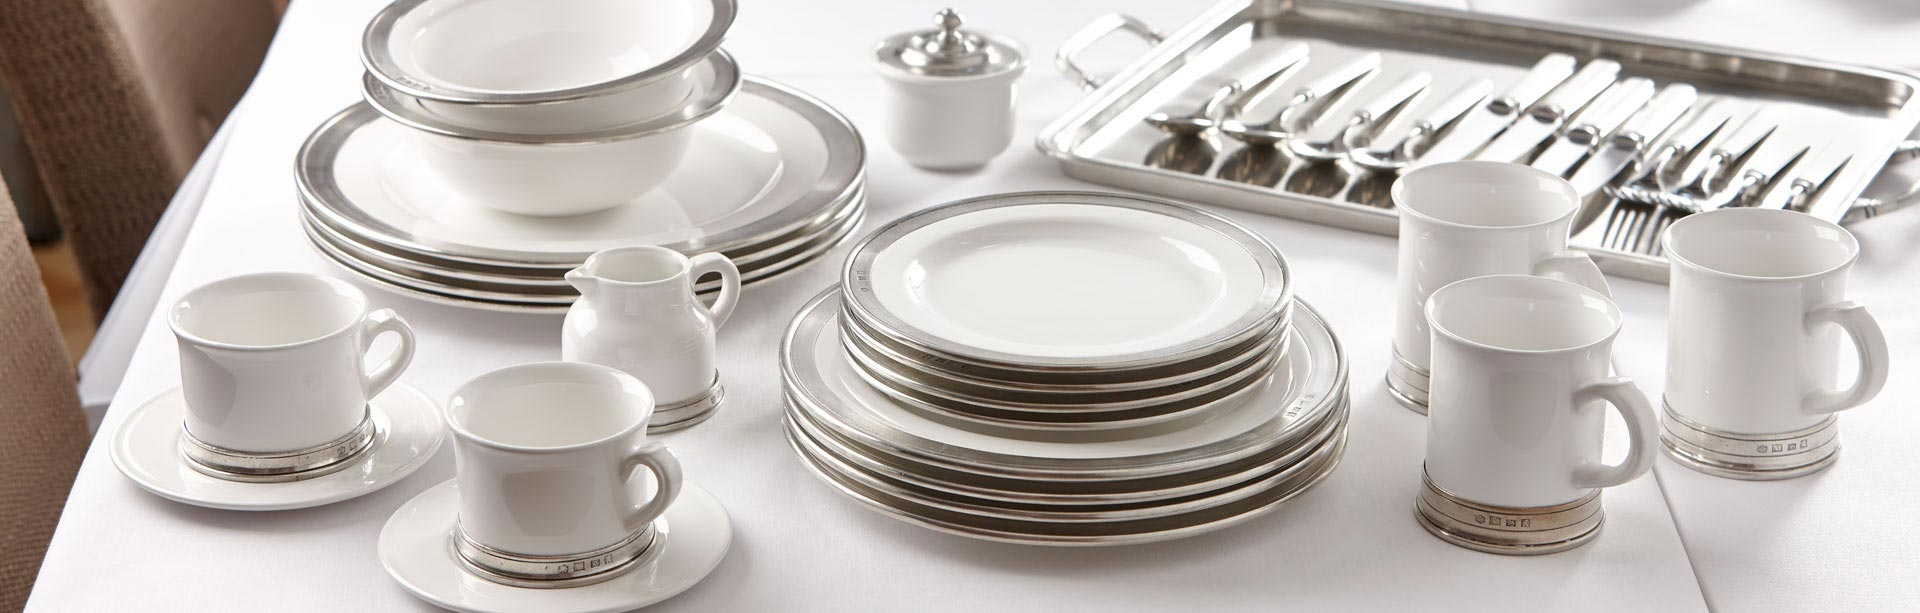 Tableware made in Italy. Tableware & Tableware: Pewter | Cosi Tabellini